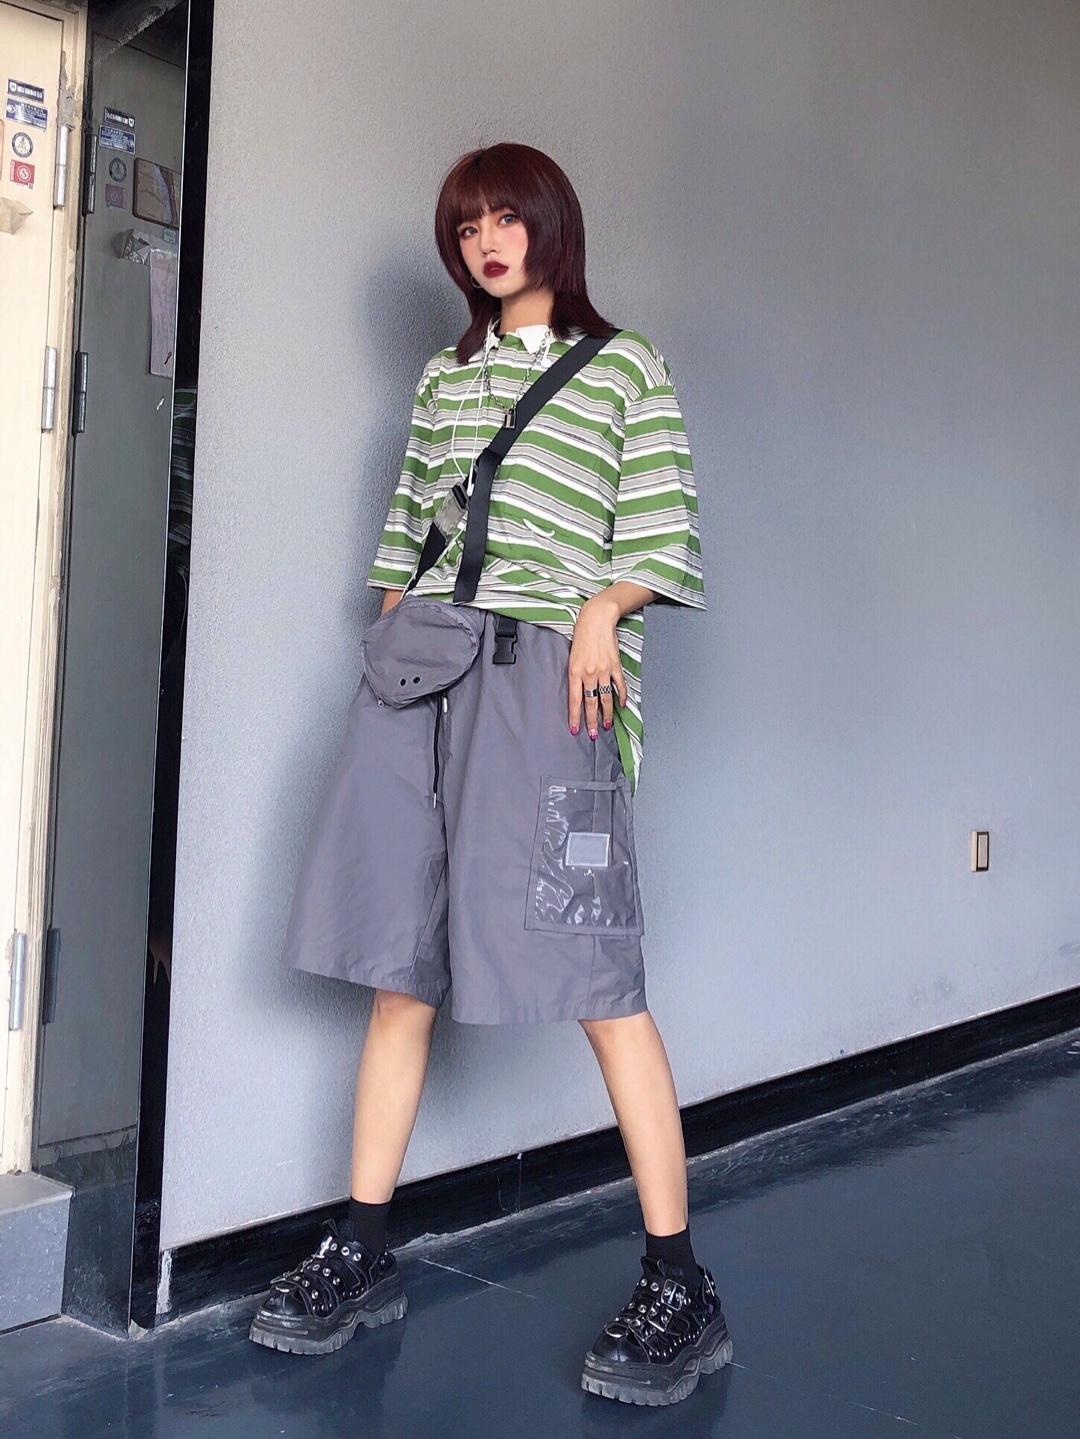 上衣:绿色条纹元素的polo短袖,绿色给人舒服的感觉,白绿色相间的条纹不要太适合夏天,一眼就给人清爽的感觉,而且很显瘦,各种身材都可以驾驭。厚度很薄,不会闷热,透气舒适。白色的小领子也设计的恰到好处,又秀气又帅气。  裤子:灰色的工装短裤,大概到膝盖以下的位置,简直是显瘦神器,而且很凉爽,露出脚踝和小腿,男生穿更加帅气。  鞋子:黑色的休闲皮鞋,虽然上面有柳丁,但是和任何风格的衣服都百搭,又拉长腿部比例。 #日常时髦经:舒服最重要!#